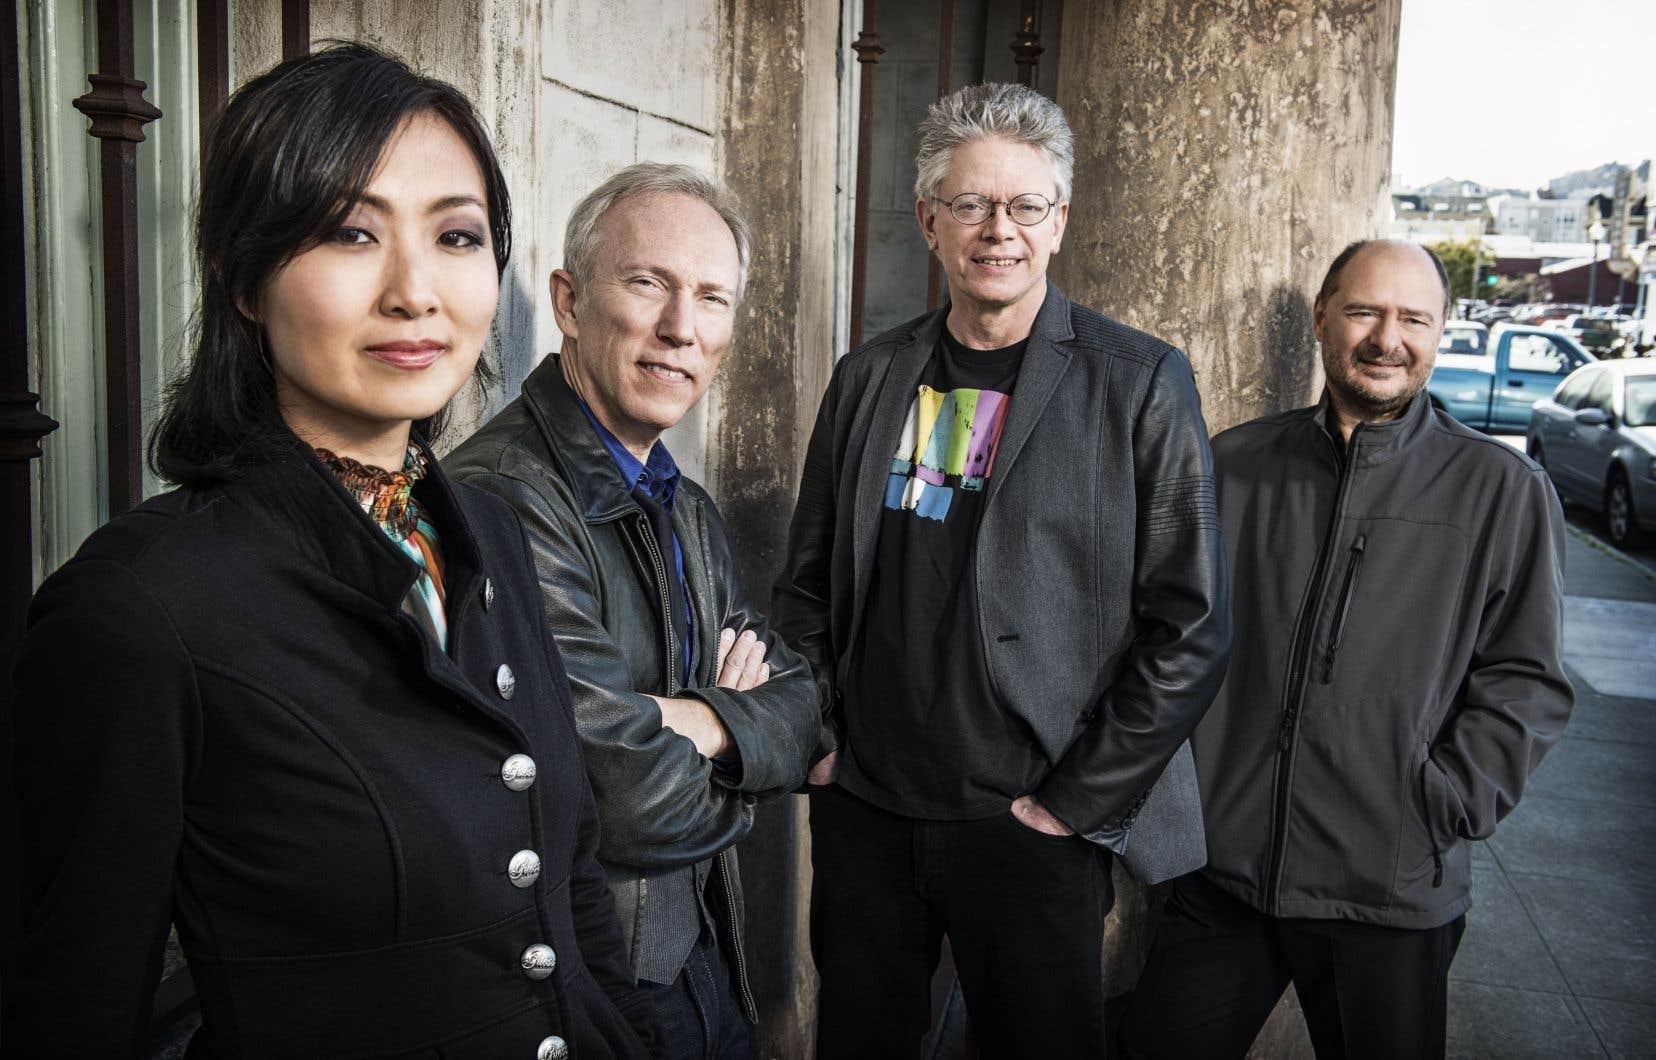 Il y a quelques semaines, le Kronos Quartet remportait un nouveau Grammy pour sa collaboration avec Laurie Anderson («Landfall», paru chez Nonesuch). Il a lancé depuis deux nouveaux albums, dont le sublime «Placeless».